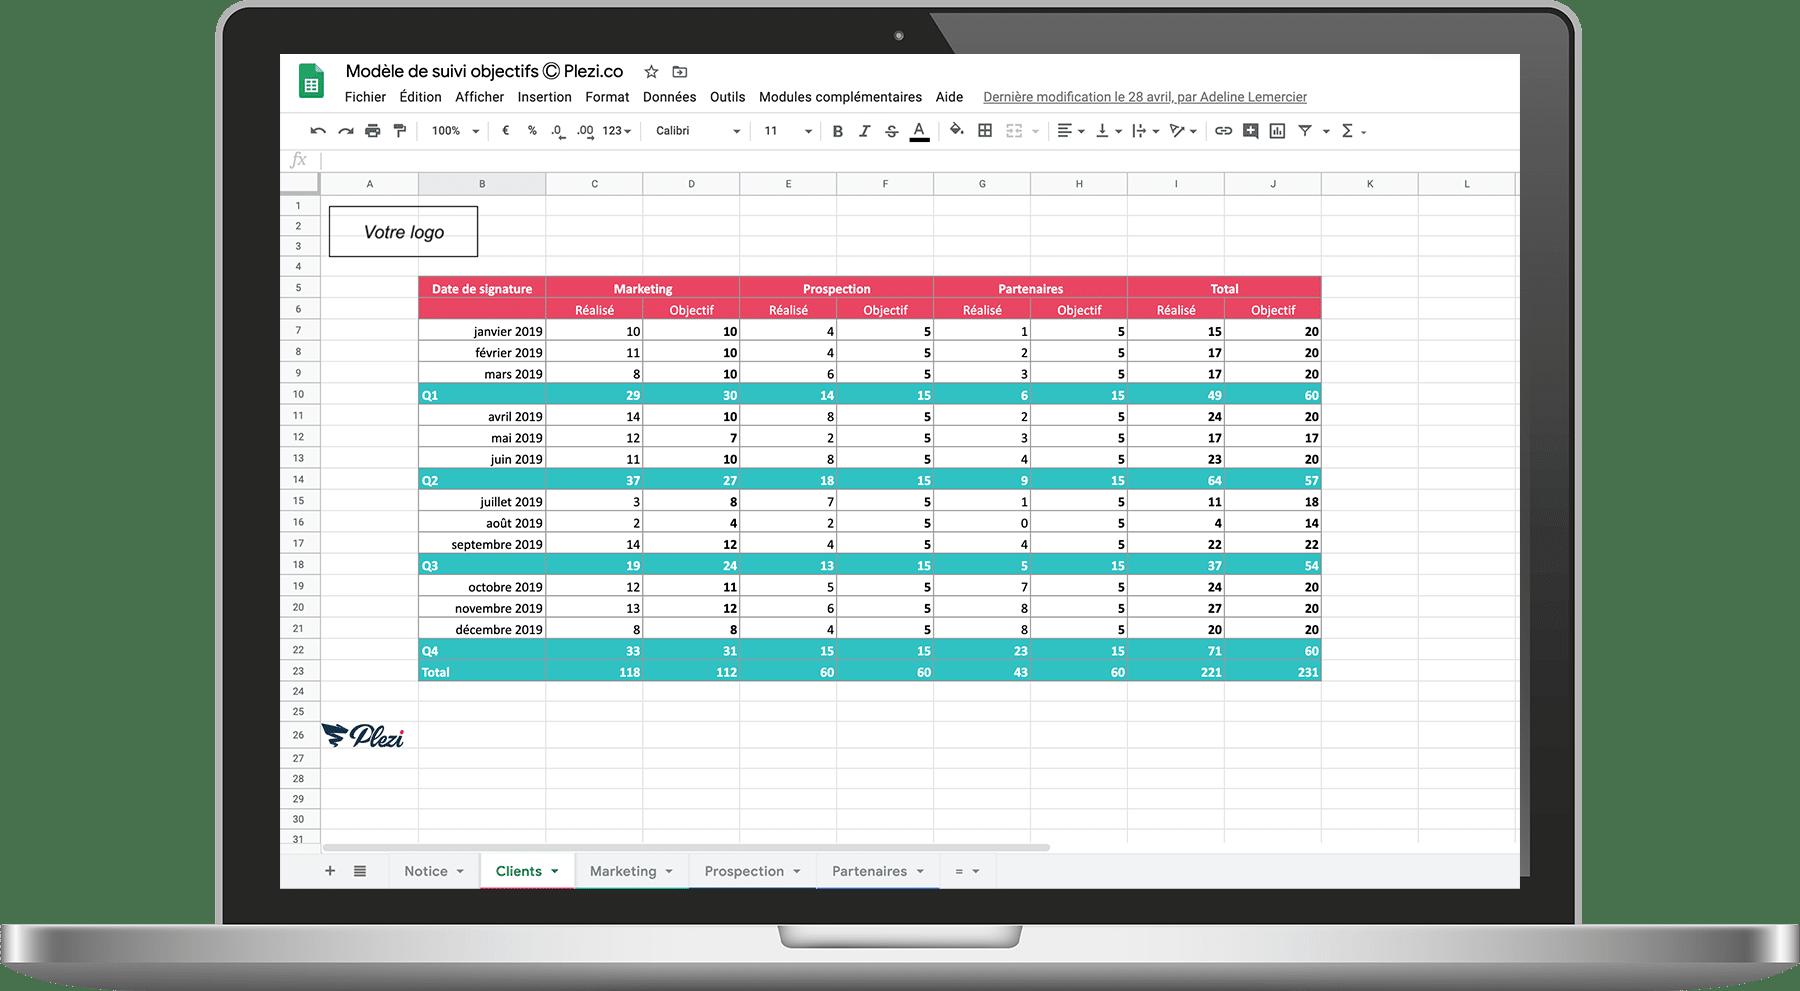 Mockup du modèle de suivi des objectifs